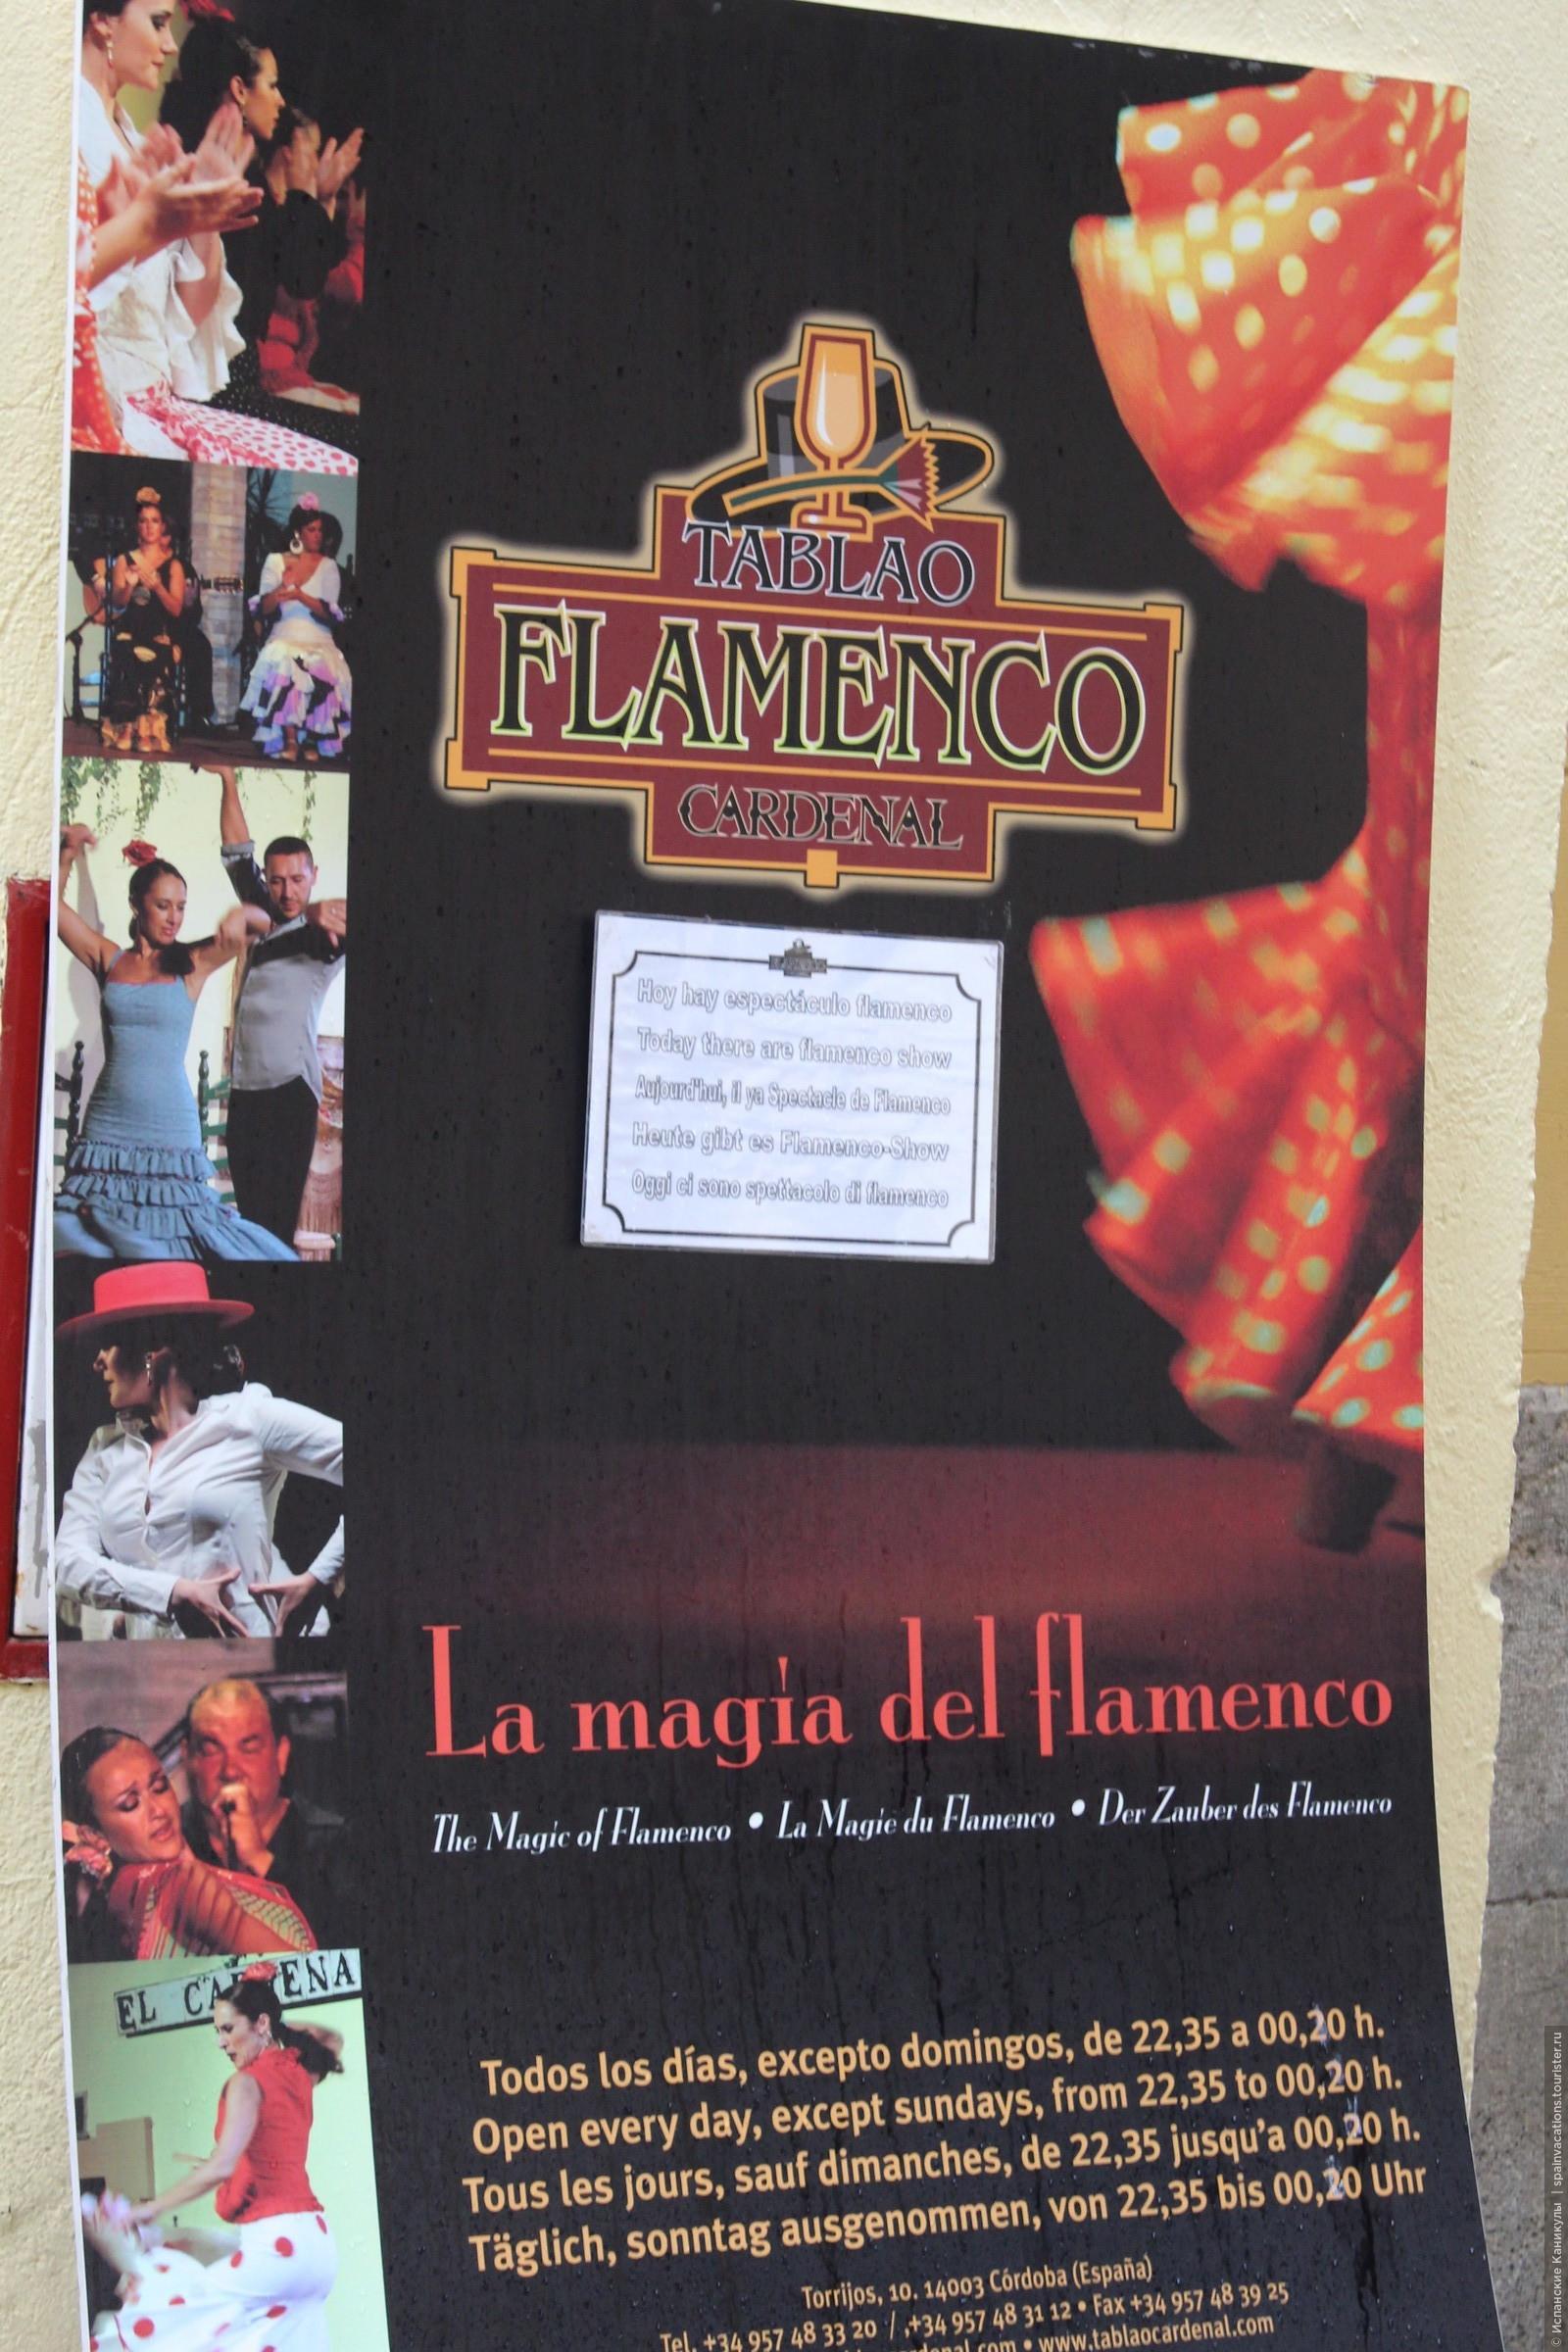 В Кордобе традиционно проводят шоу фламенко. Начинаются они где-то в половину десятого вечера. Имеет смысл сходить! Потрясающее зрелище! , Кордова